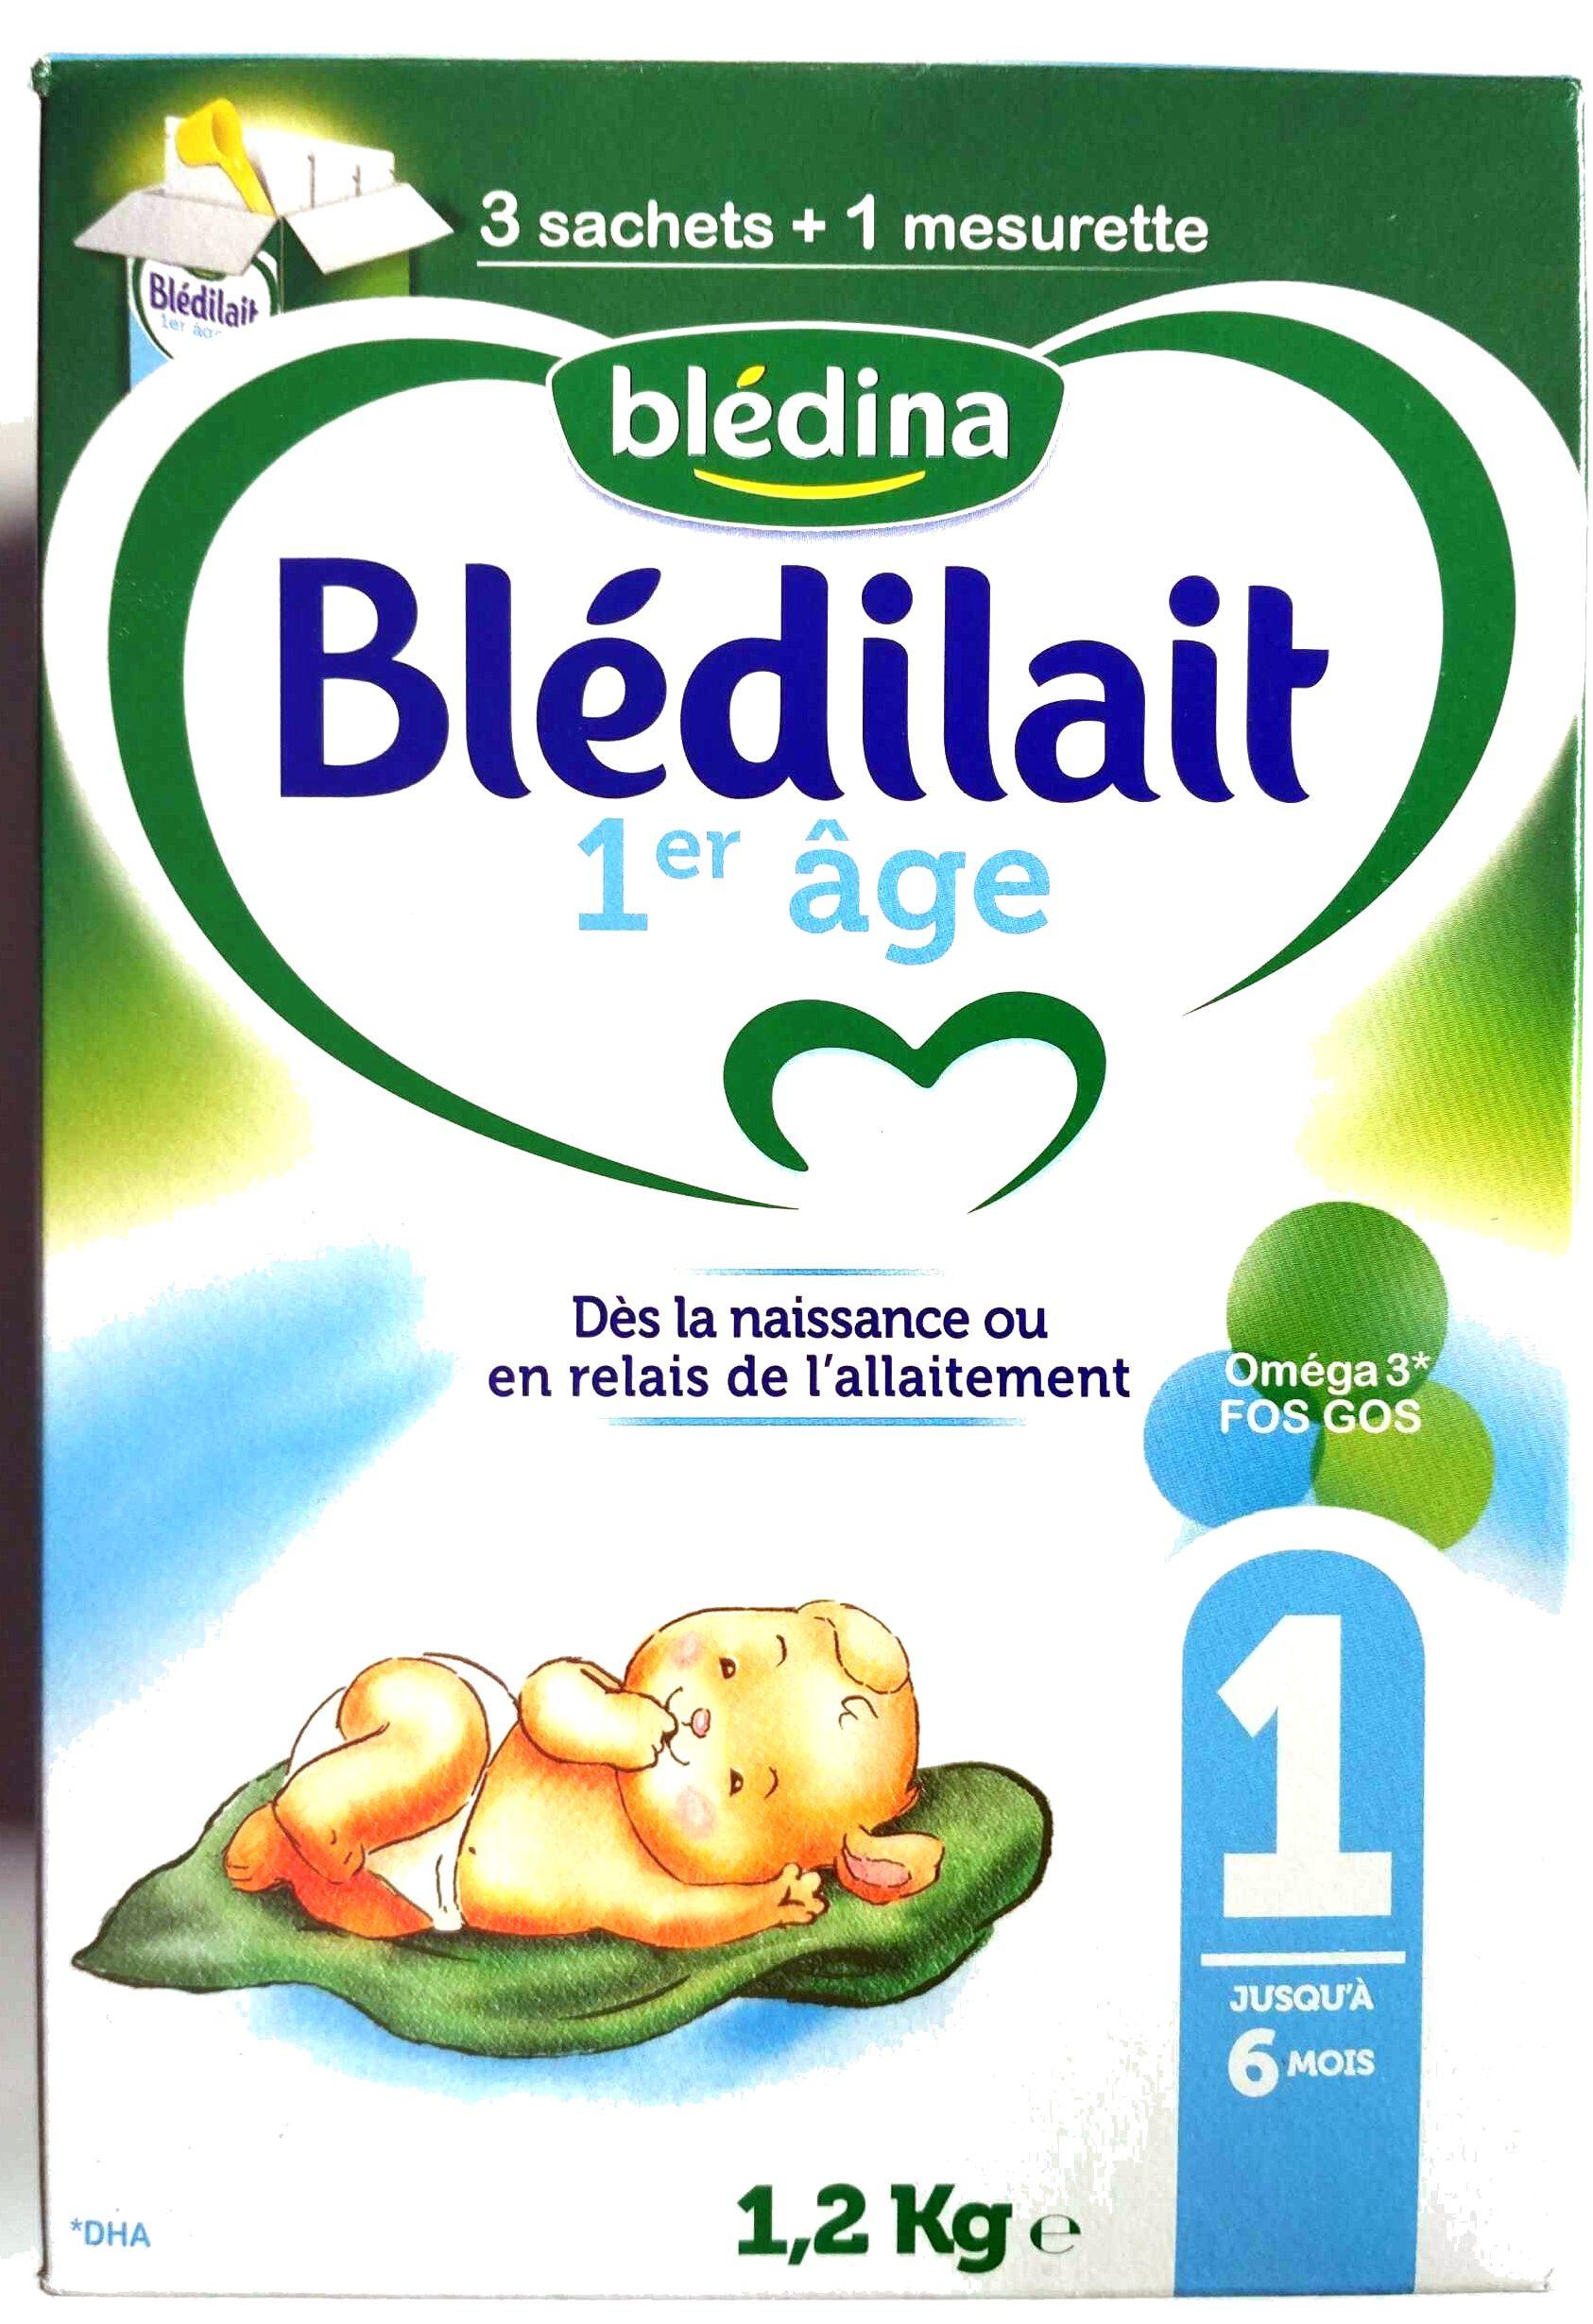 Blédilait 1er âge - Produit